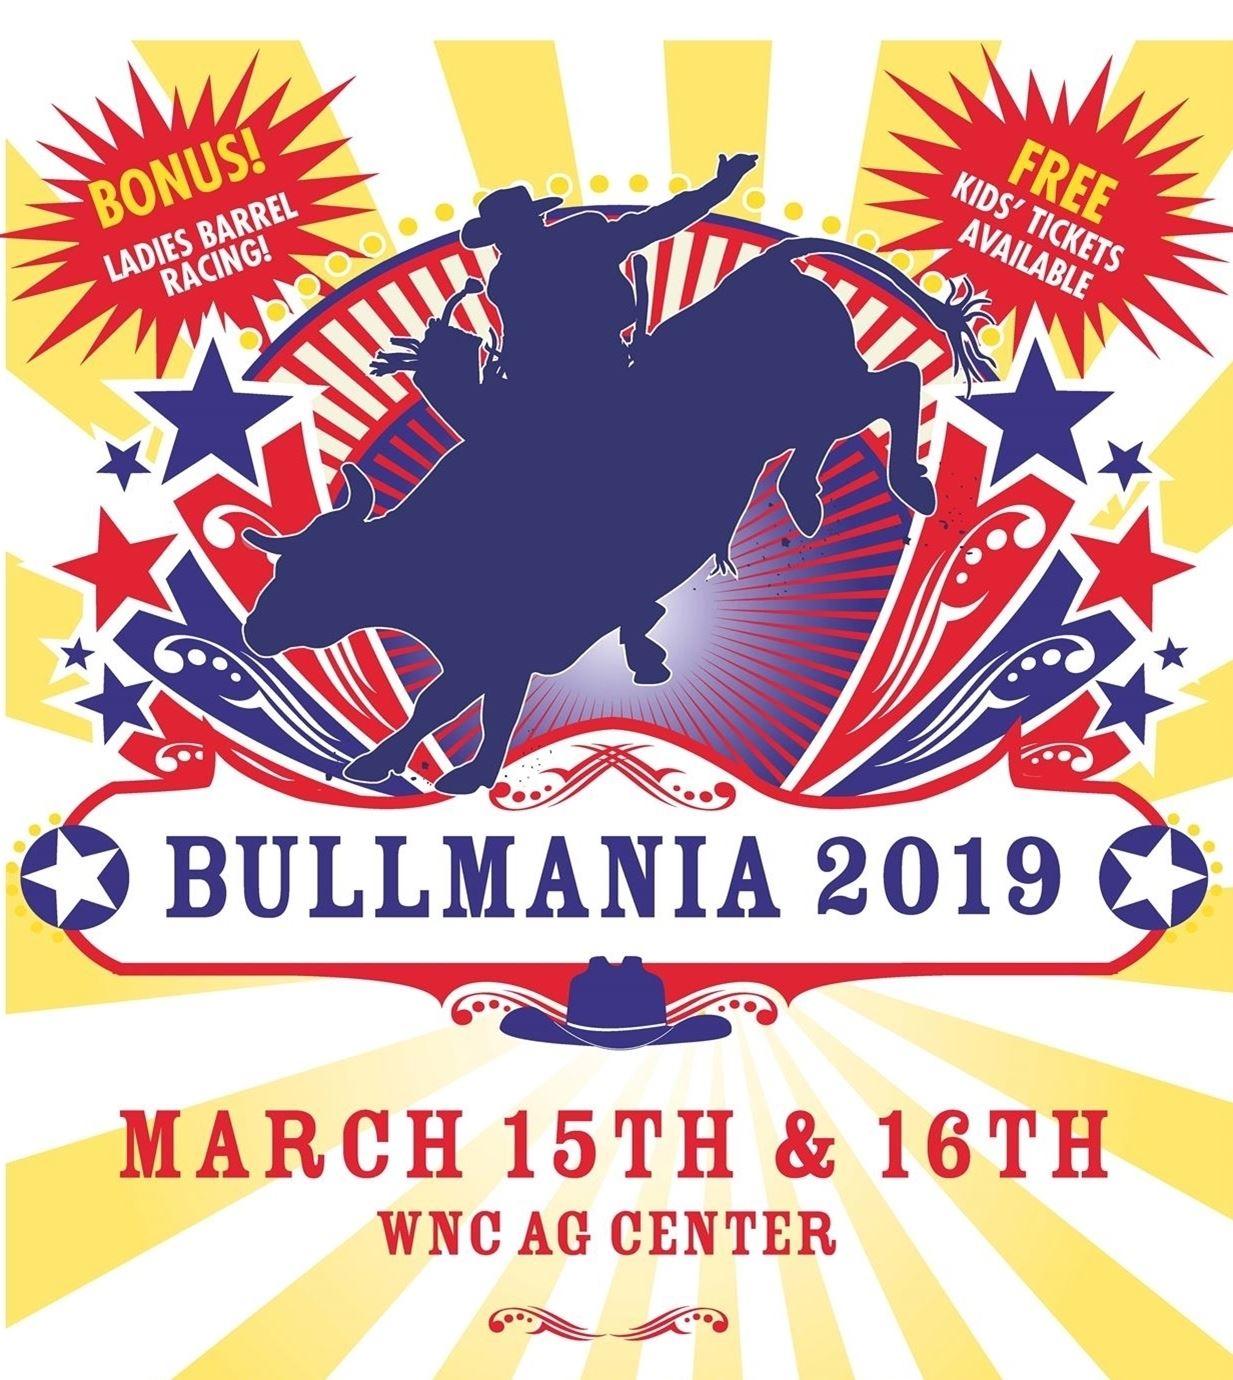 Bullmania 2019